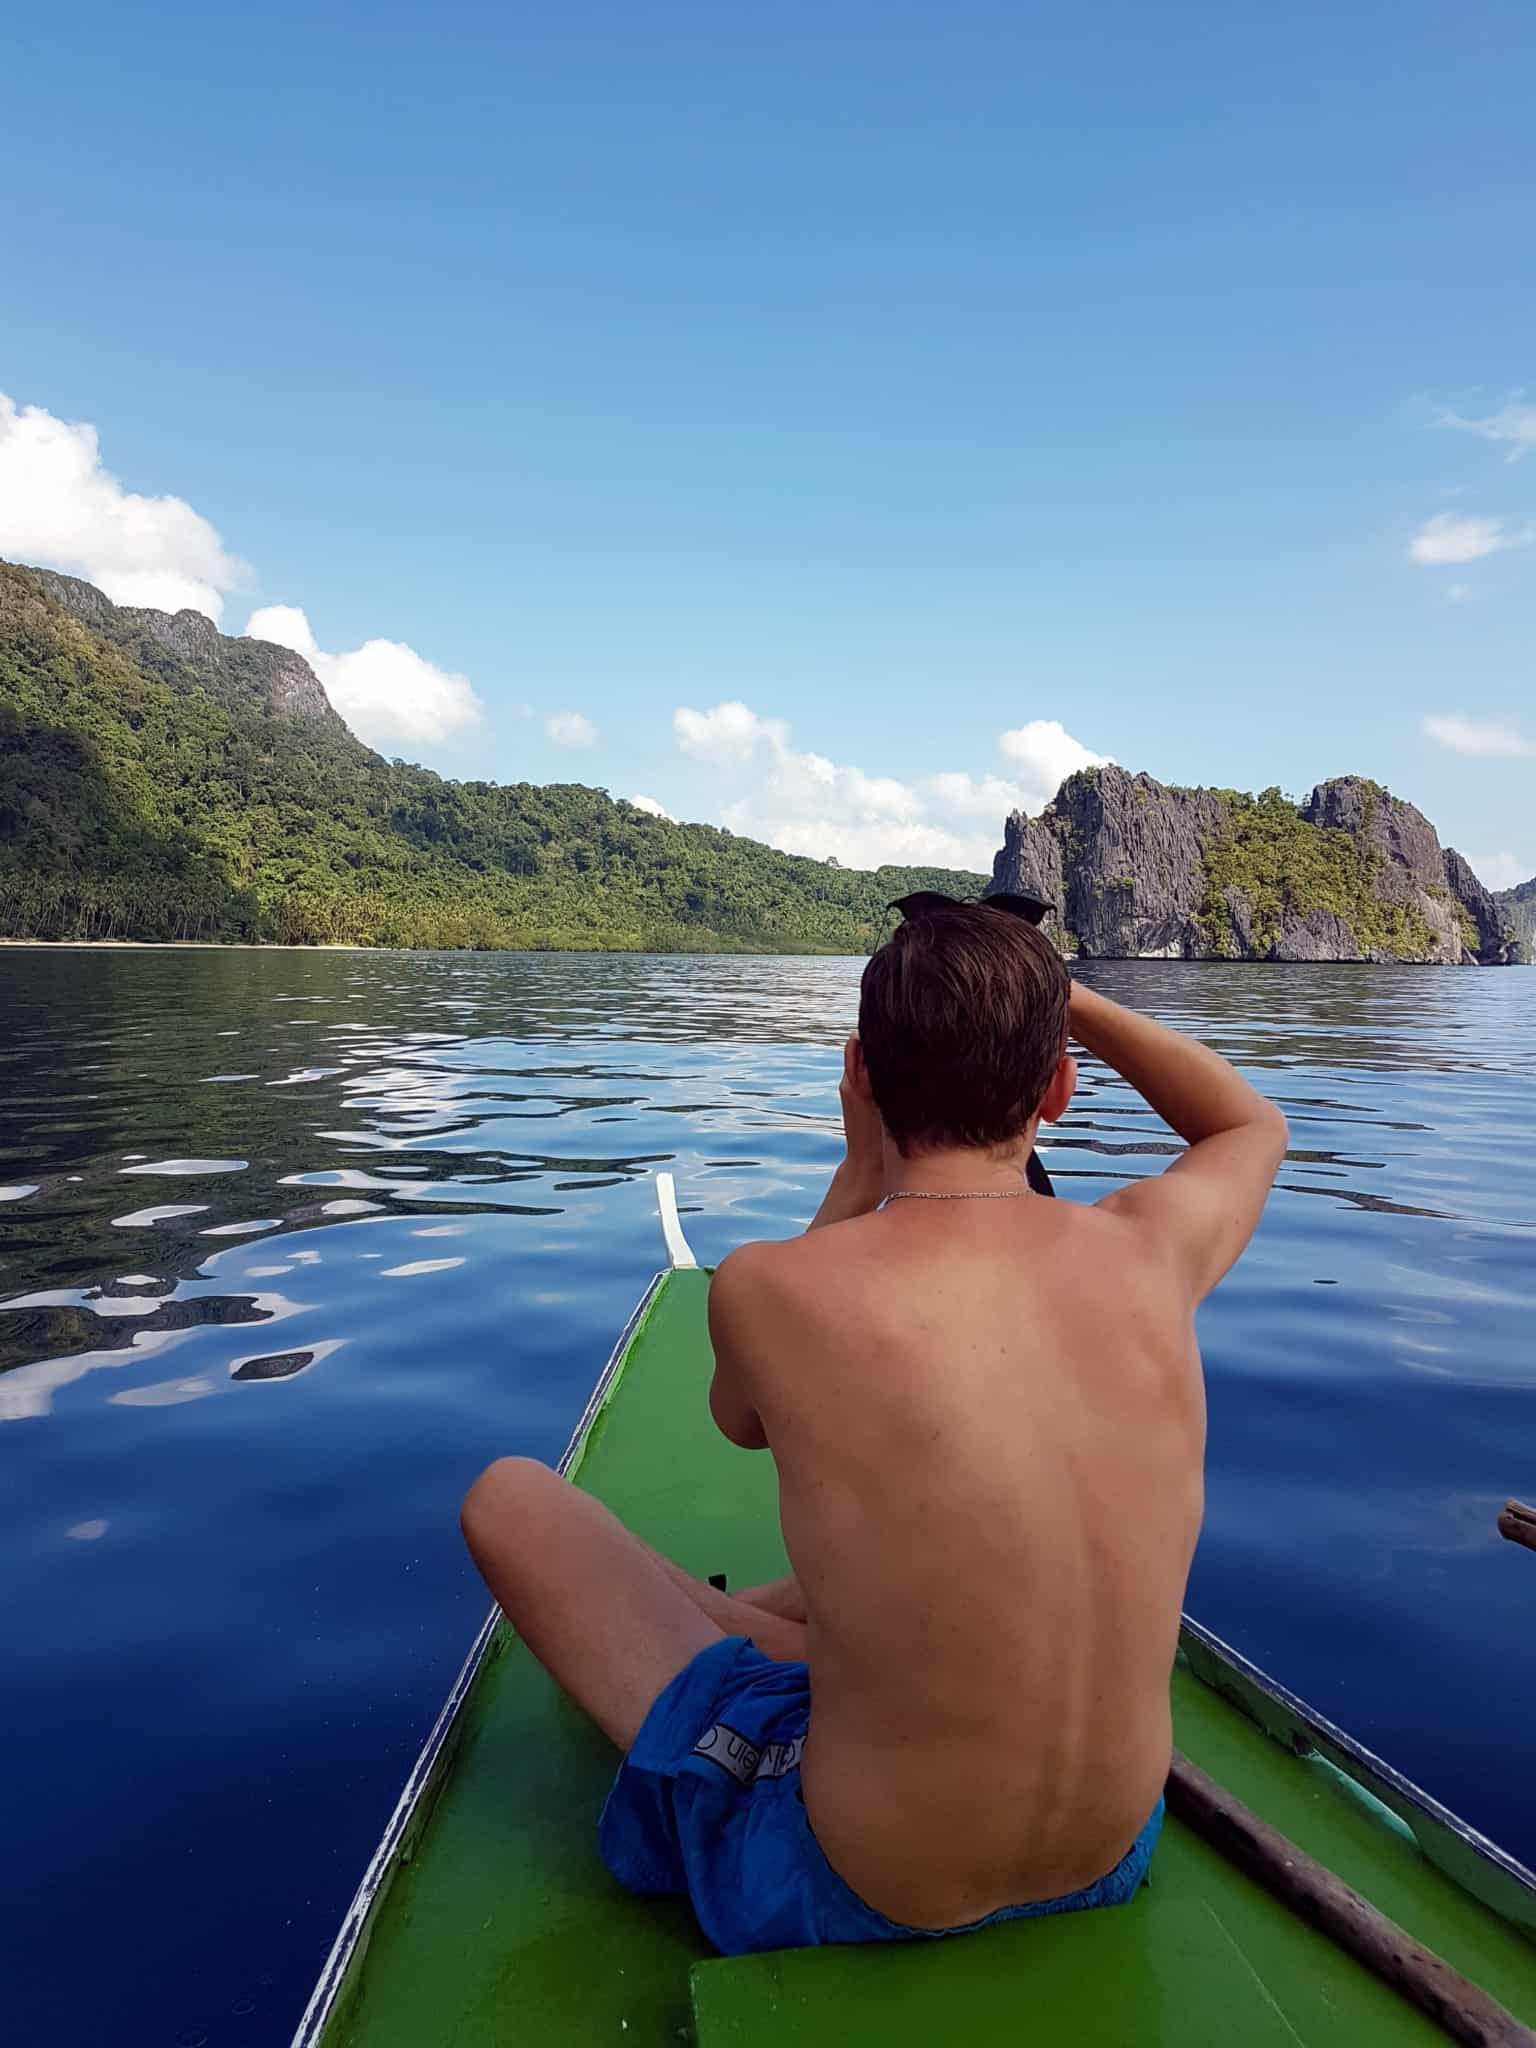 Philippines, El Nido et ses tours en bateau qui t'en mettent plein les yeux ⛵ 8